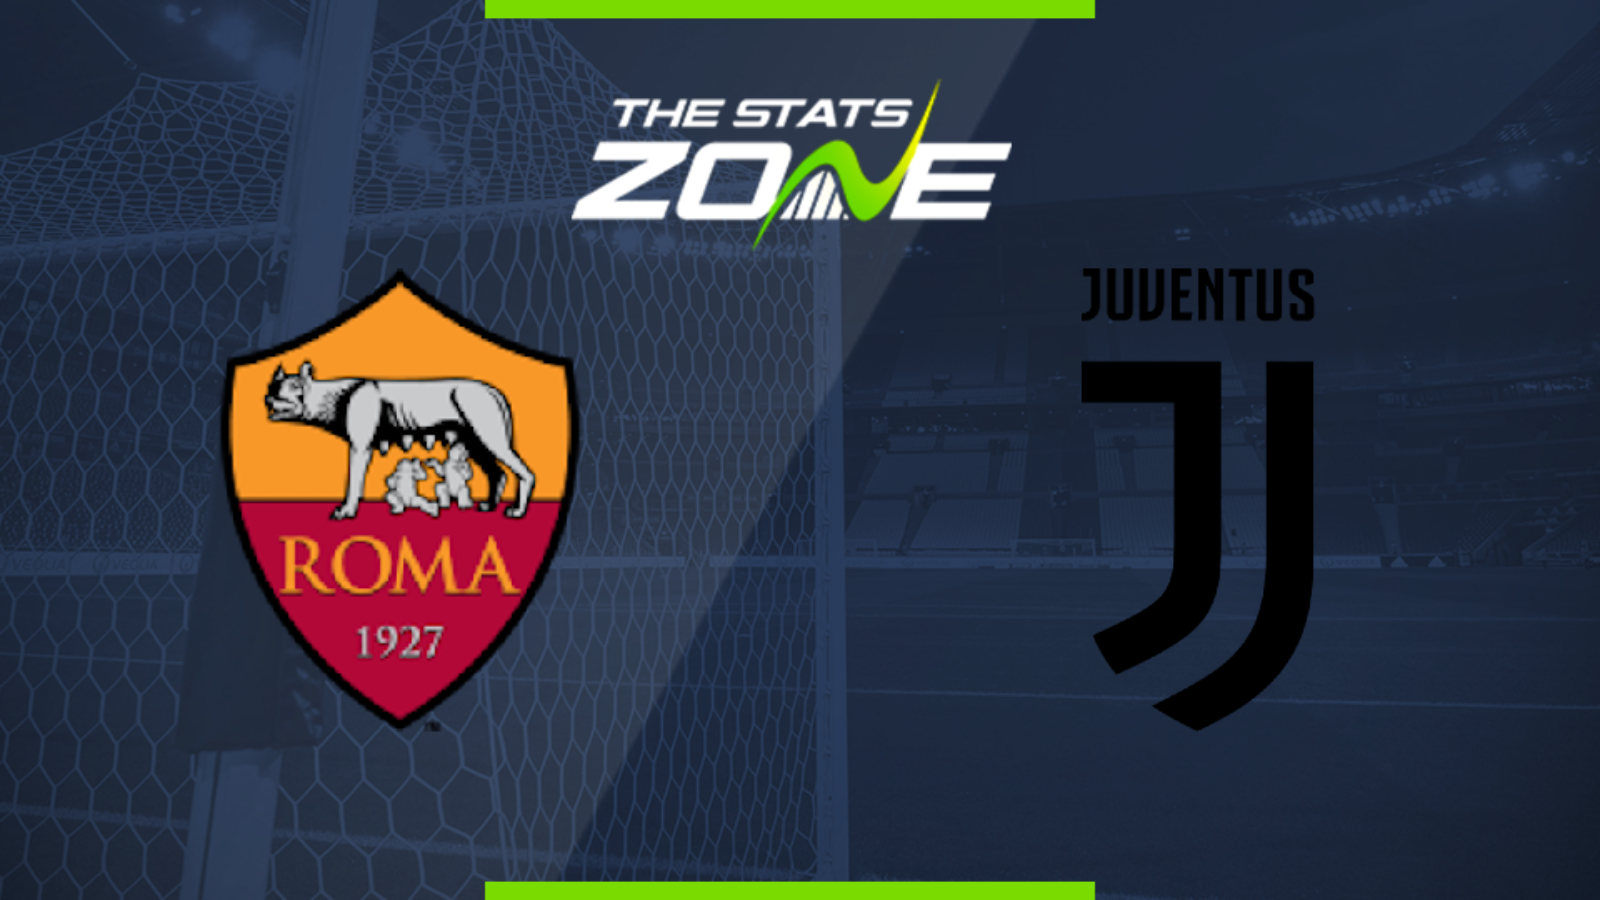 roma vs juventus - photo #15